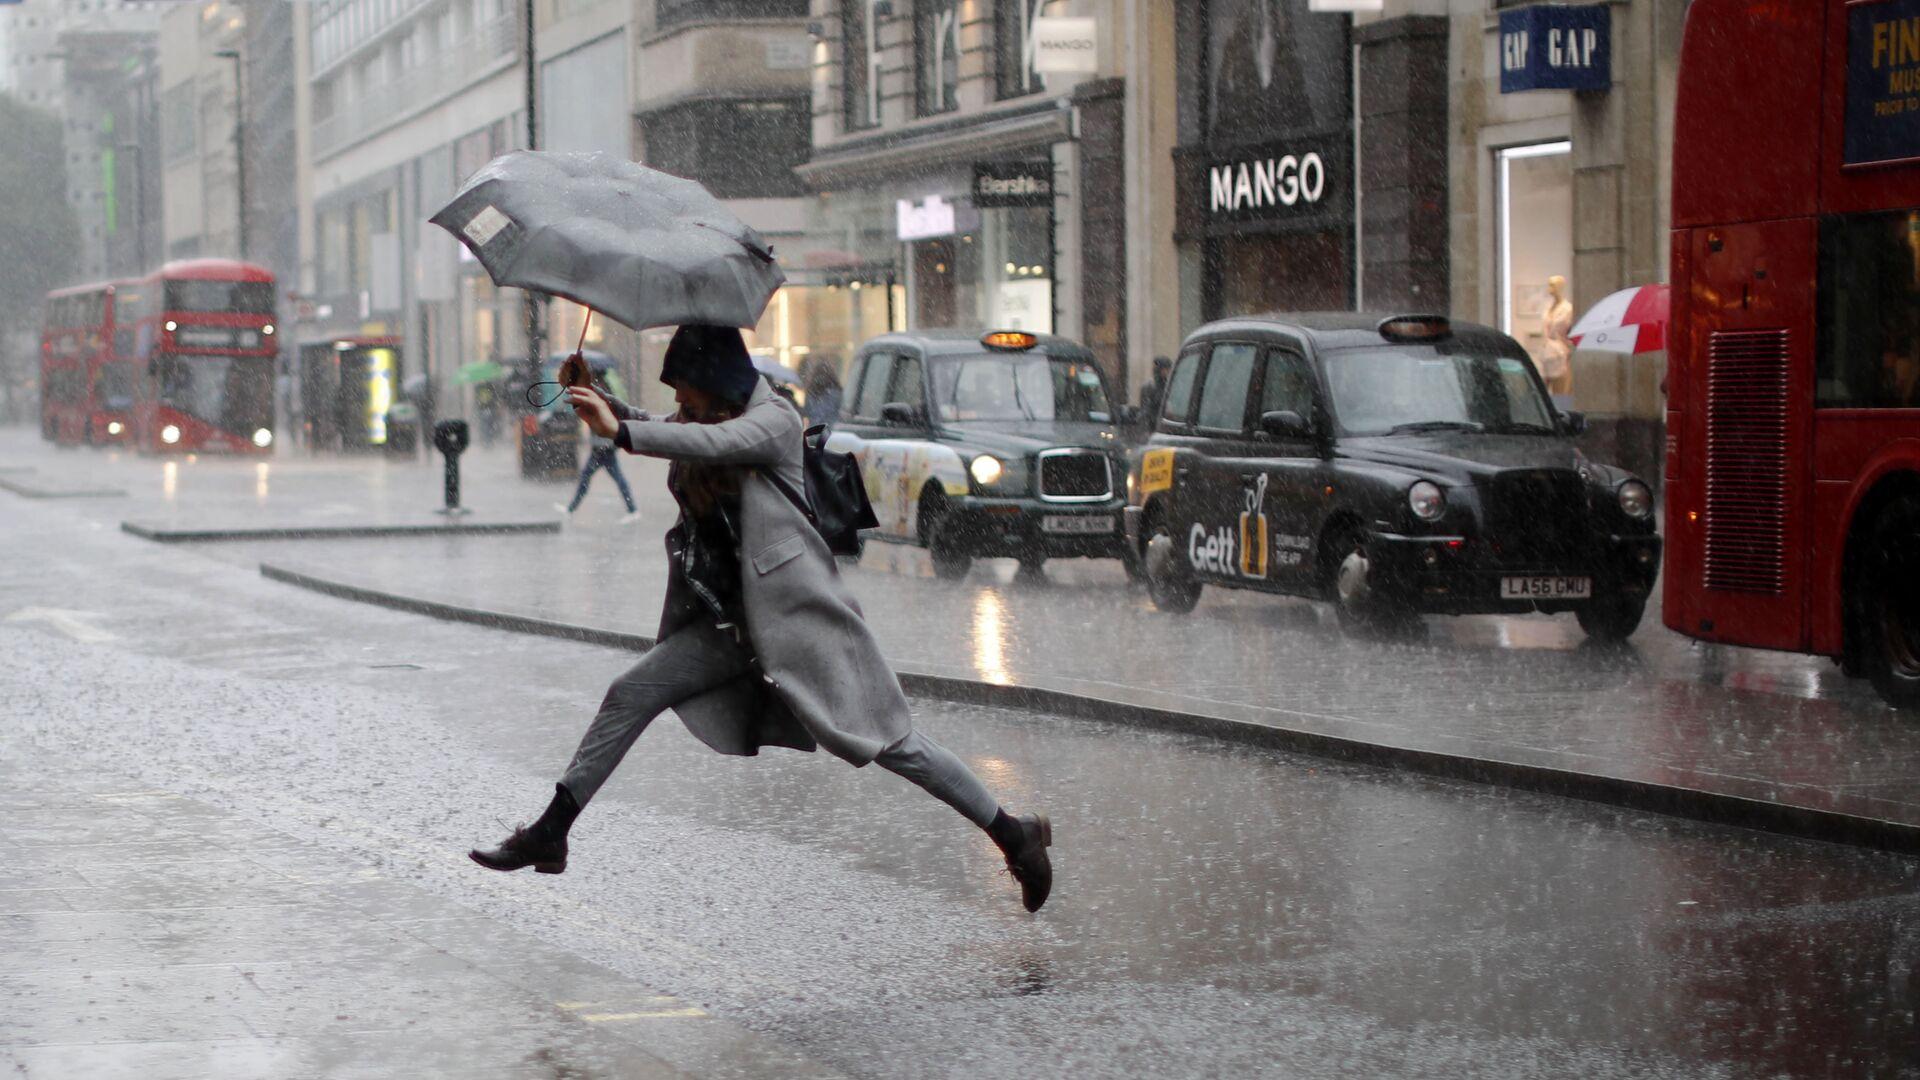 Девушка перепрыгивает лужу во время дождя в Лондоне. 9 августа 2017 - РИА Новости, 1920, 26.07.2021